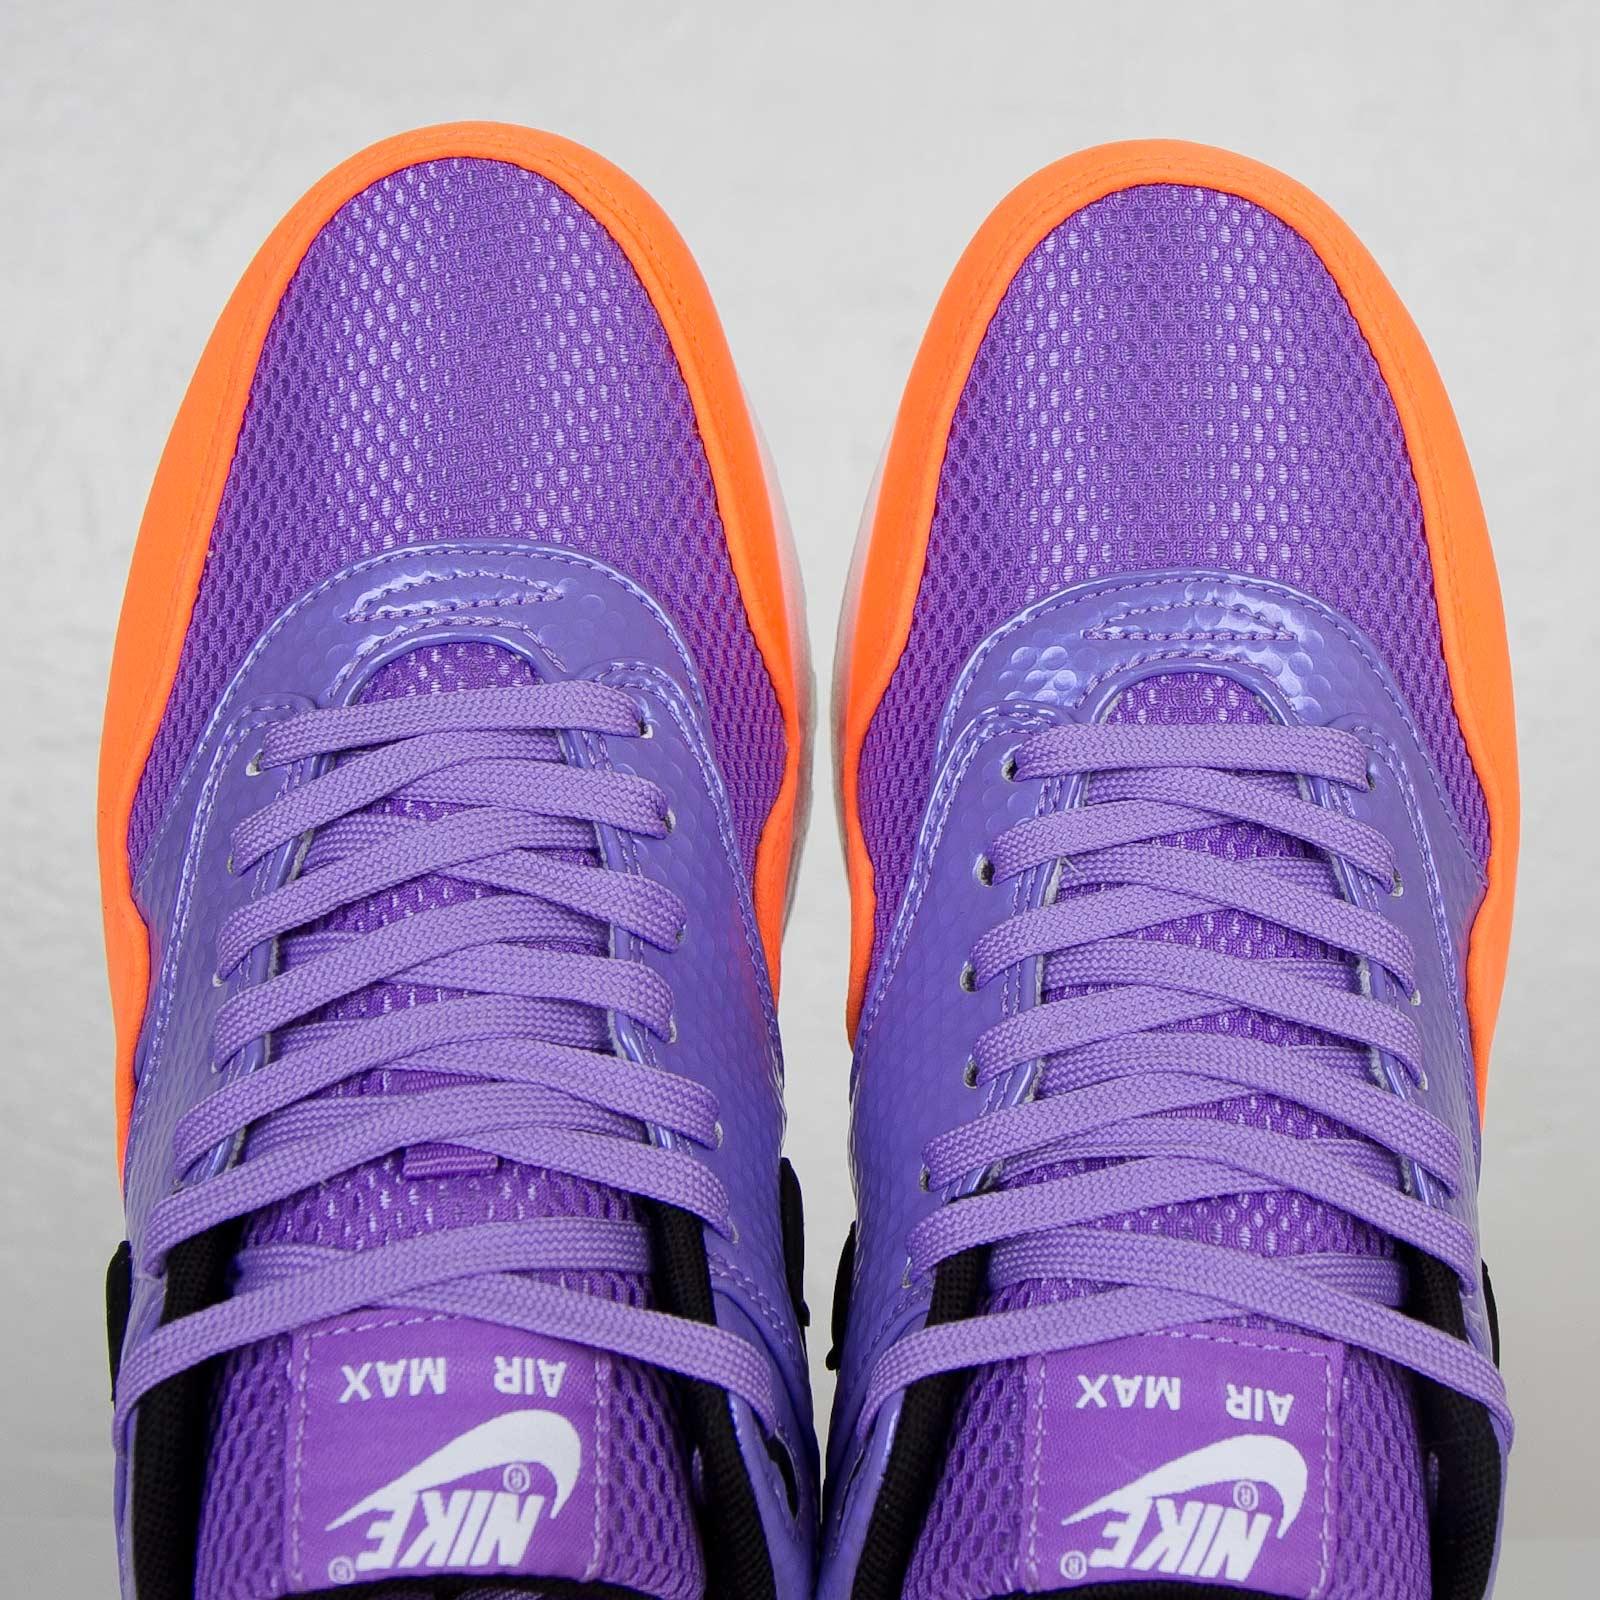 Nike Air Max 1 Premium Mercurial Pack FB Atomic Violet Black